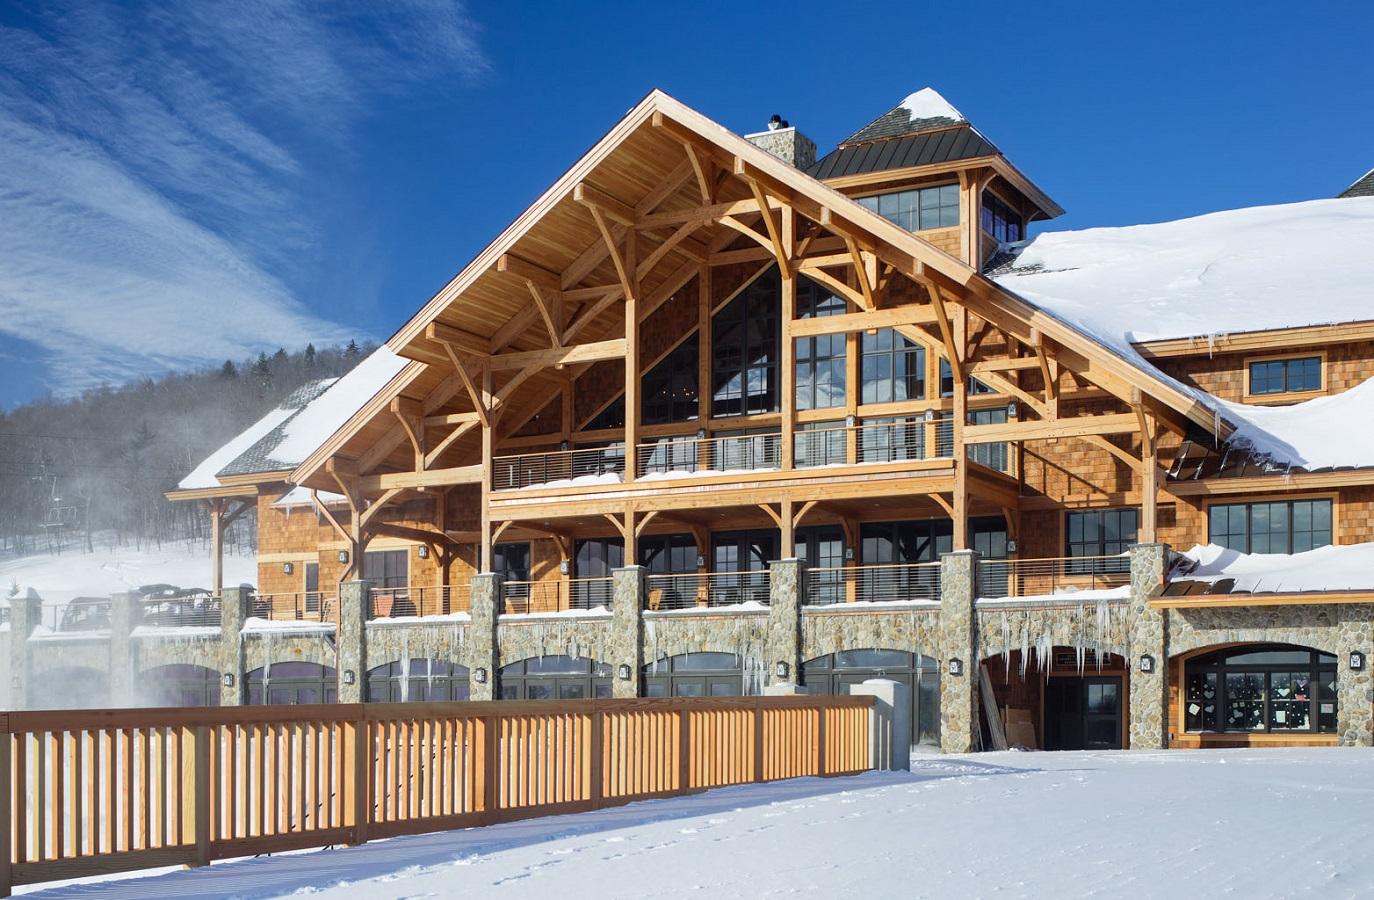 hermitage-winter-westward.jpg